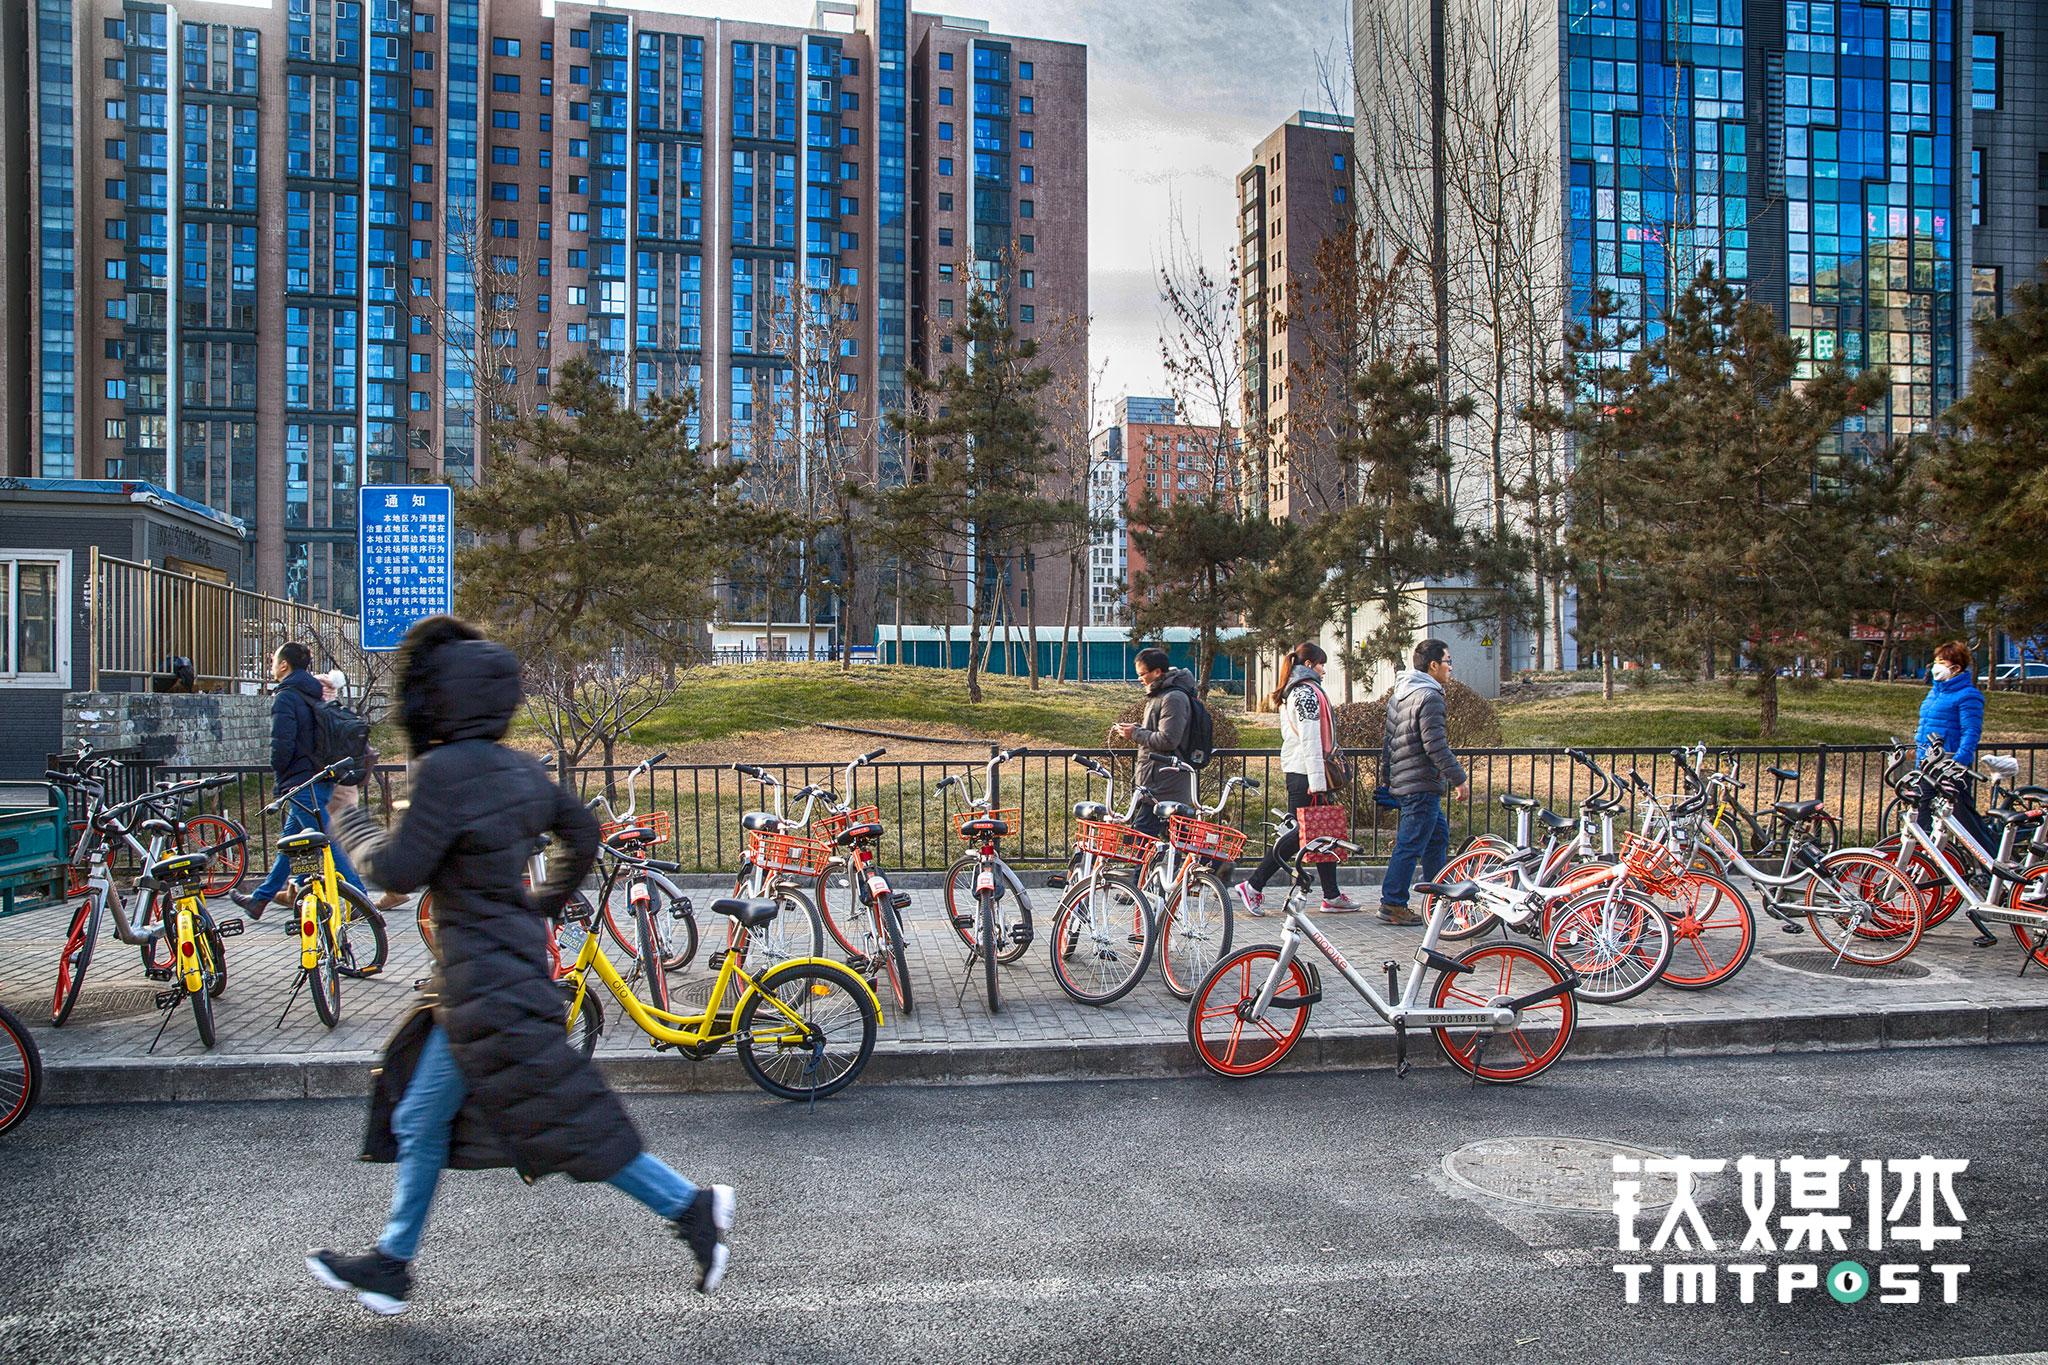 1月10日早高峰,青年路地铁站D出口,上班族从附近小区骑来的单车占据了一半行人道,有些车被停放到了辅路上。